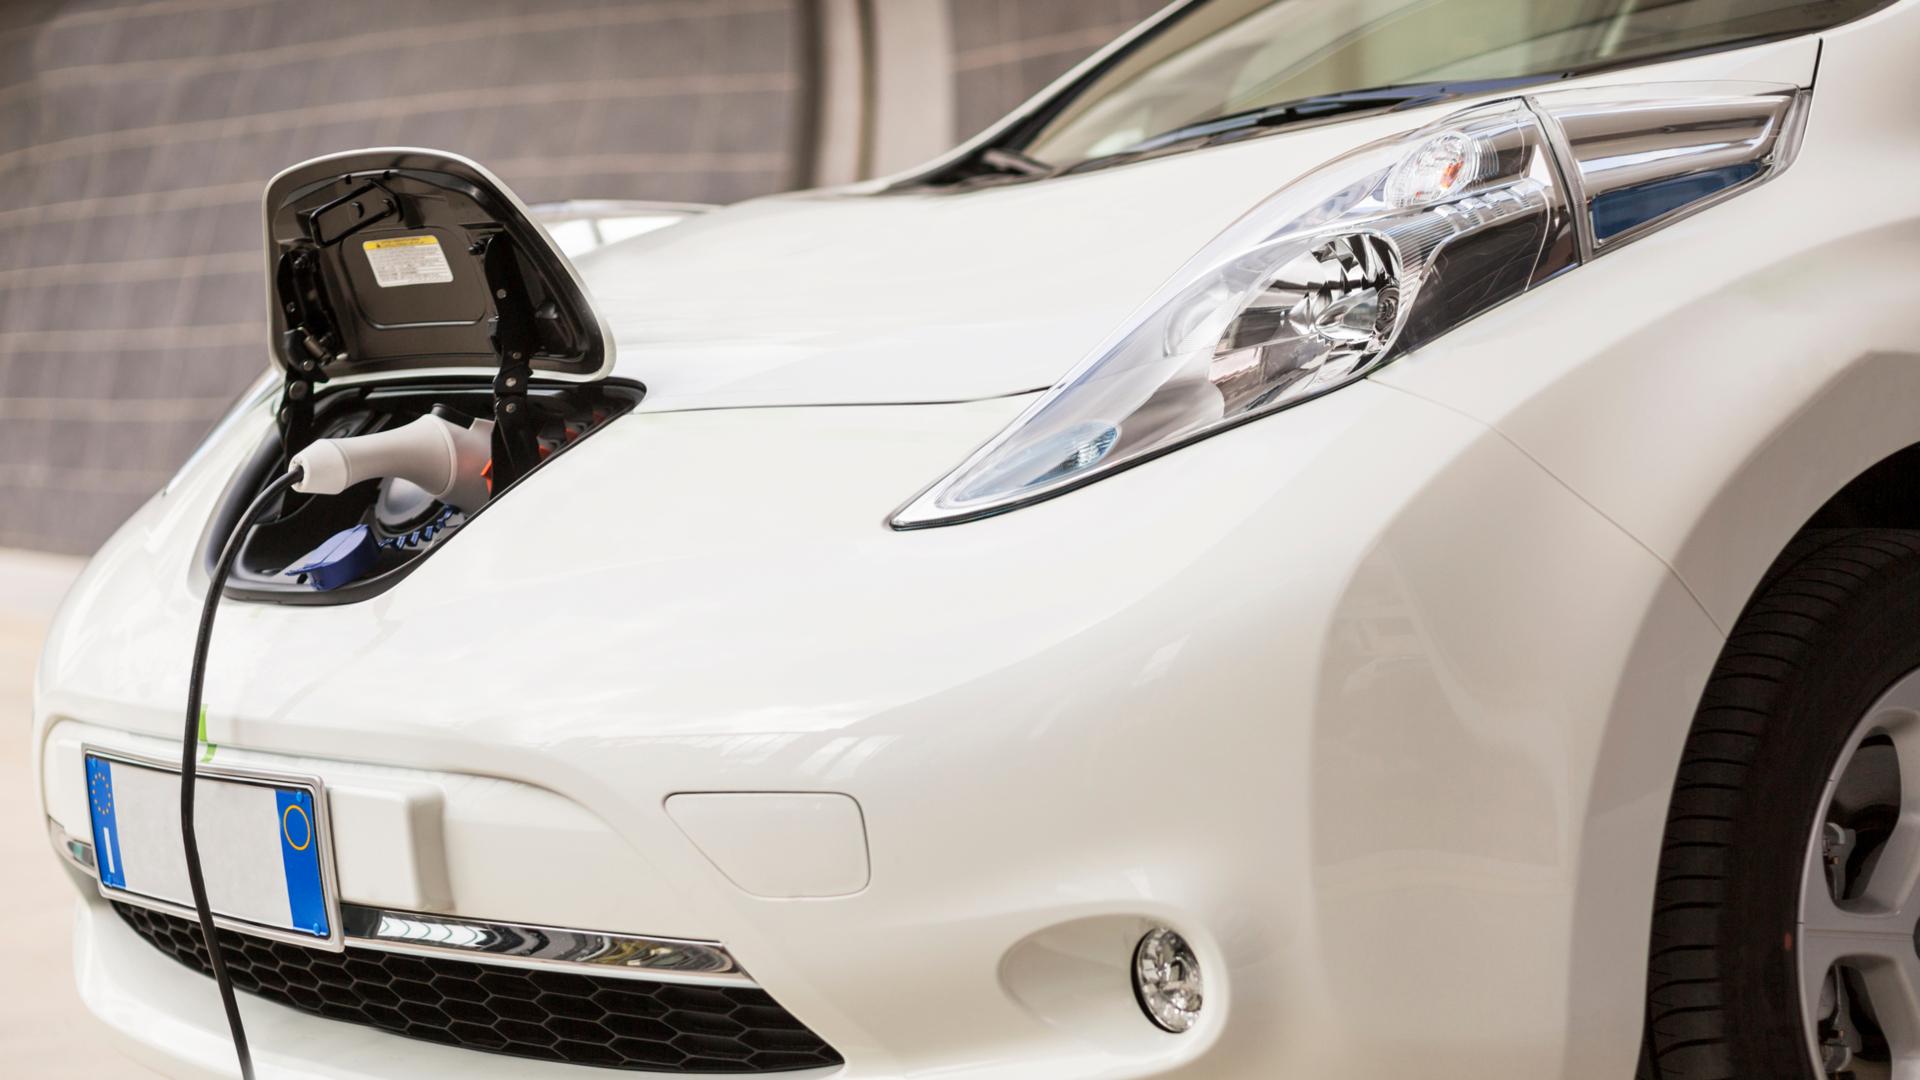 carro elétrico branco com carregador ligado na tomada